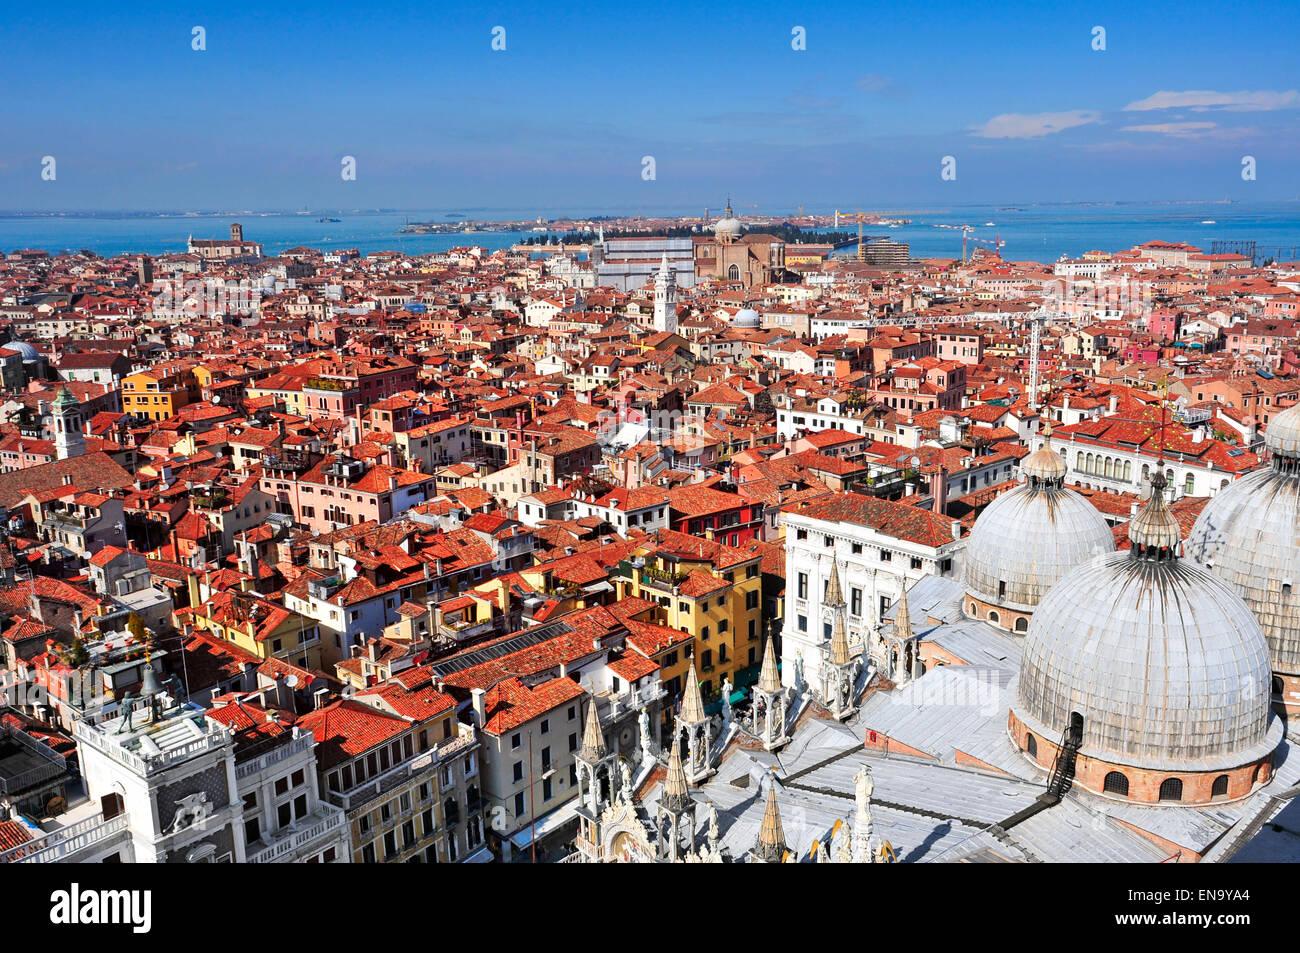 Luftbild von der patriarchalen Kathedrale Basilica von San Marco und die Dächer von Venedig, Italien Stockbild